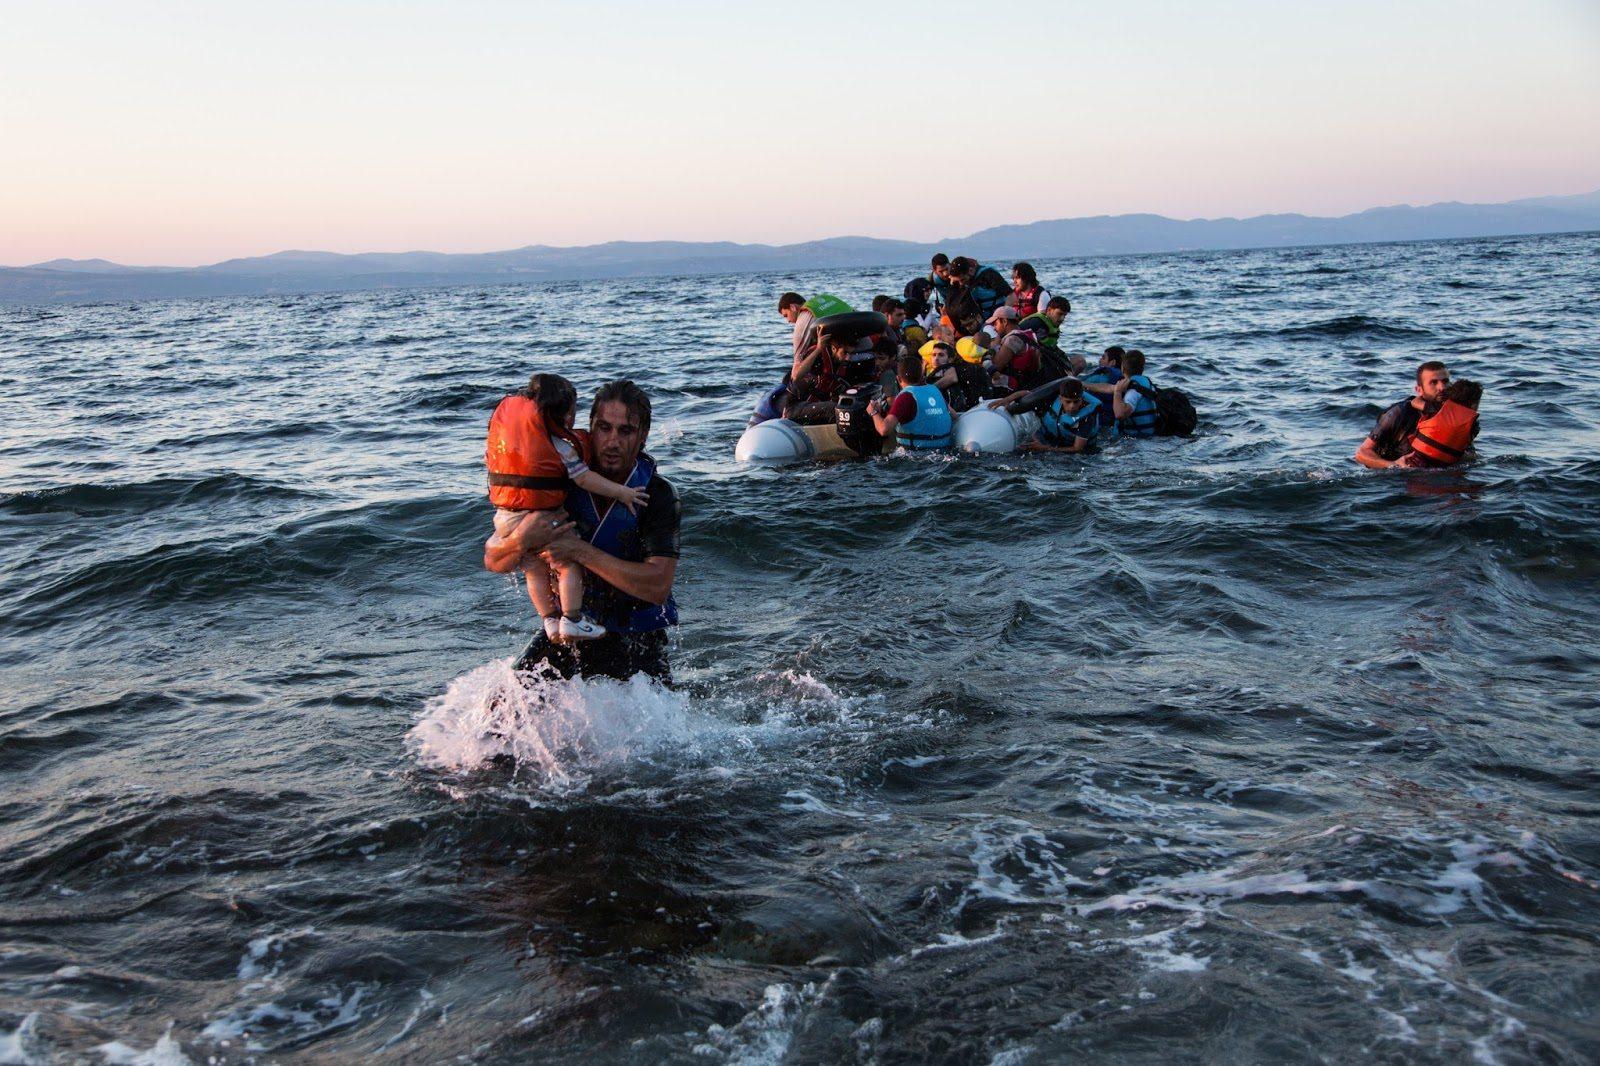 Kapitalizm çalışıyor: Mültecilere böbrek başına 13 bin dolar fiyat biçiliyor